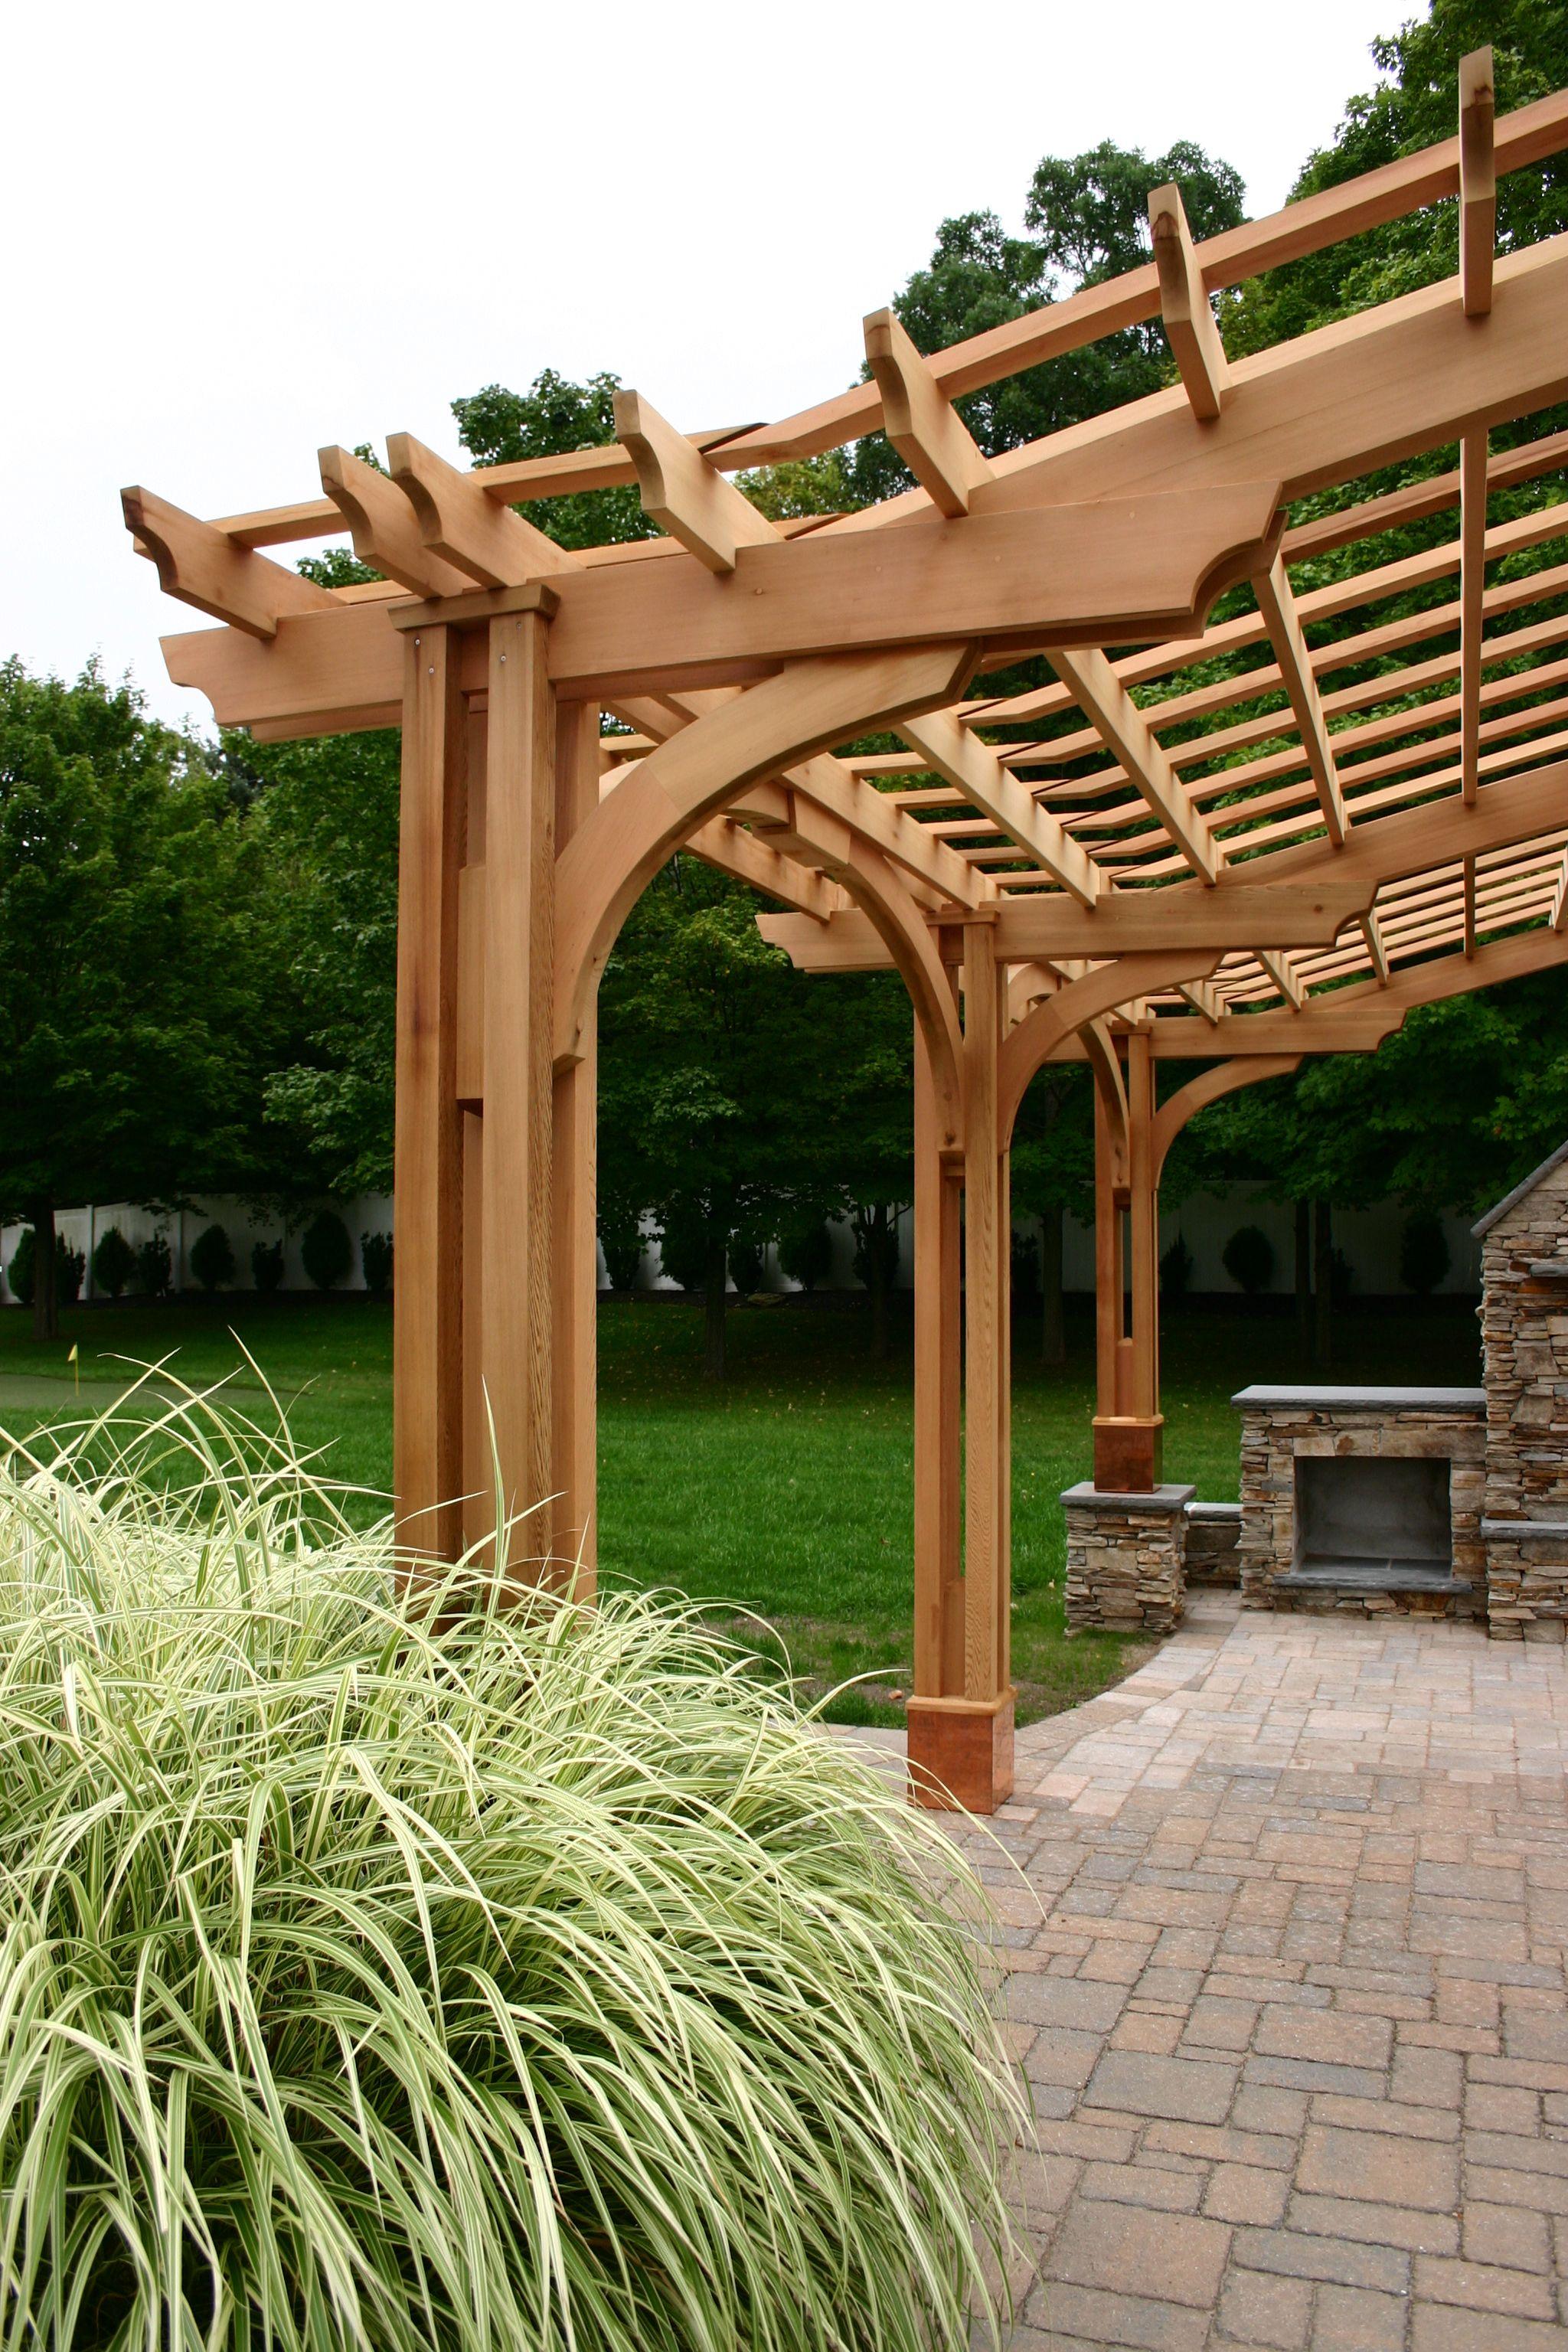 Post bracket pergola bp12 home ideas in 2019 - Construccion de pergolas de madera ...